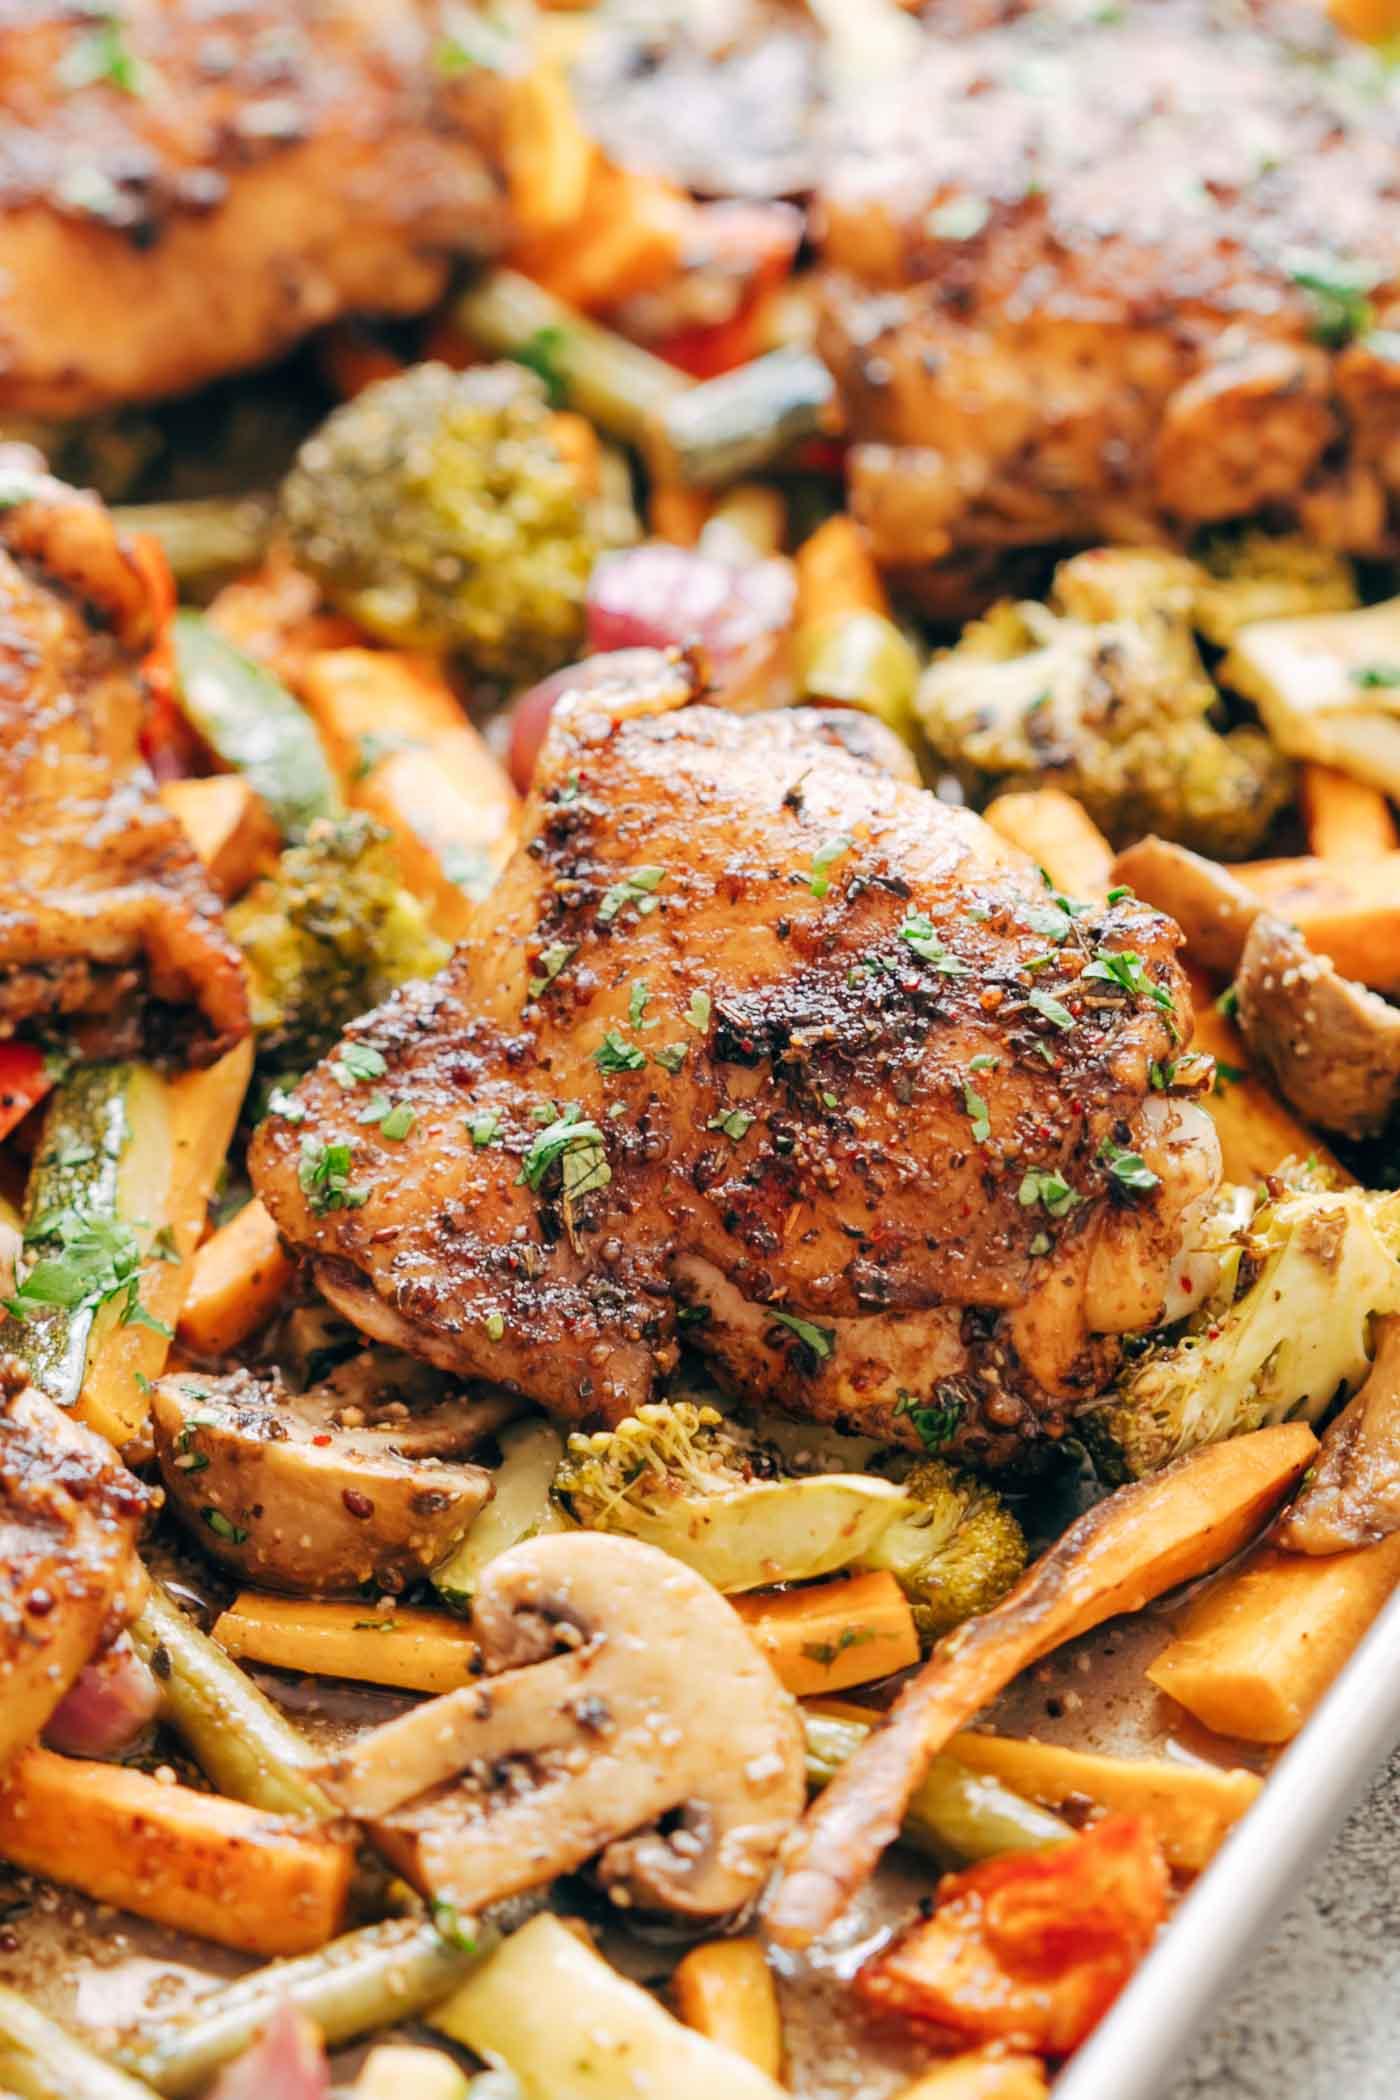 Sheet-Pan-Honey-Balsamic-Chicken-Thighs-with-Veggies-5.jpg